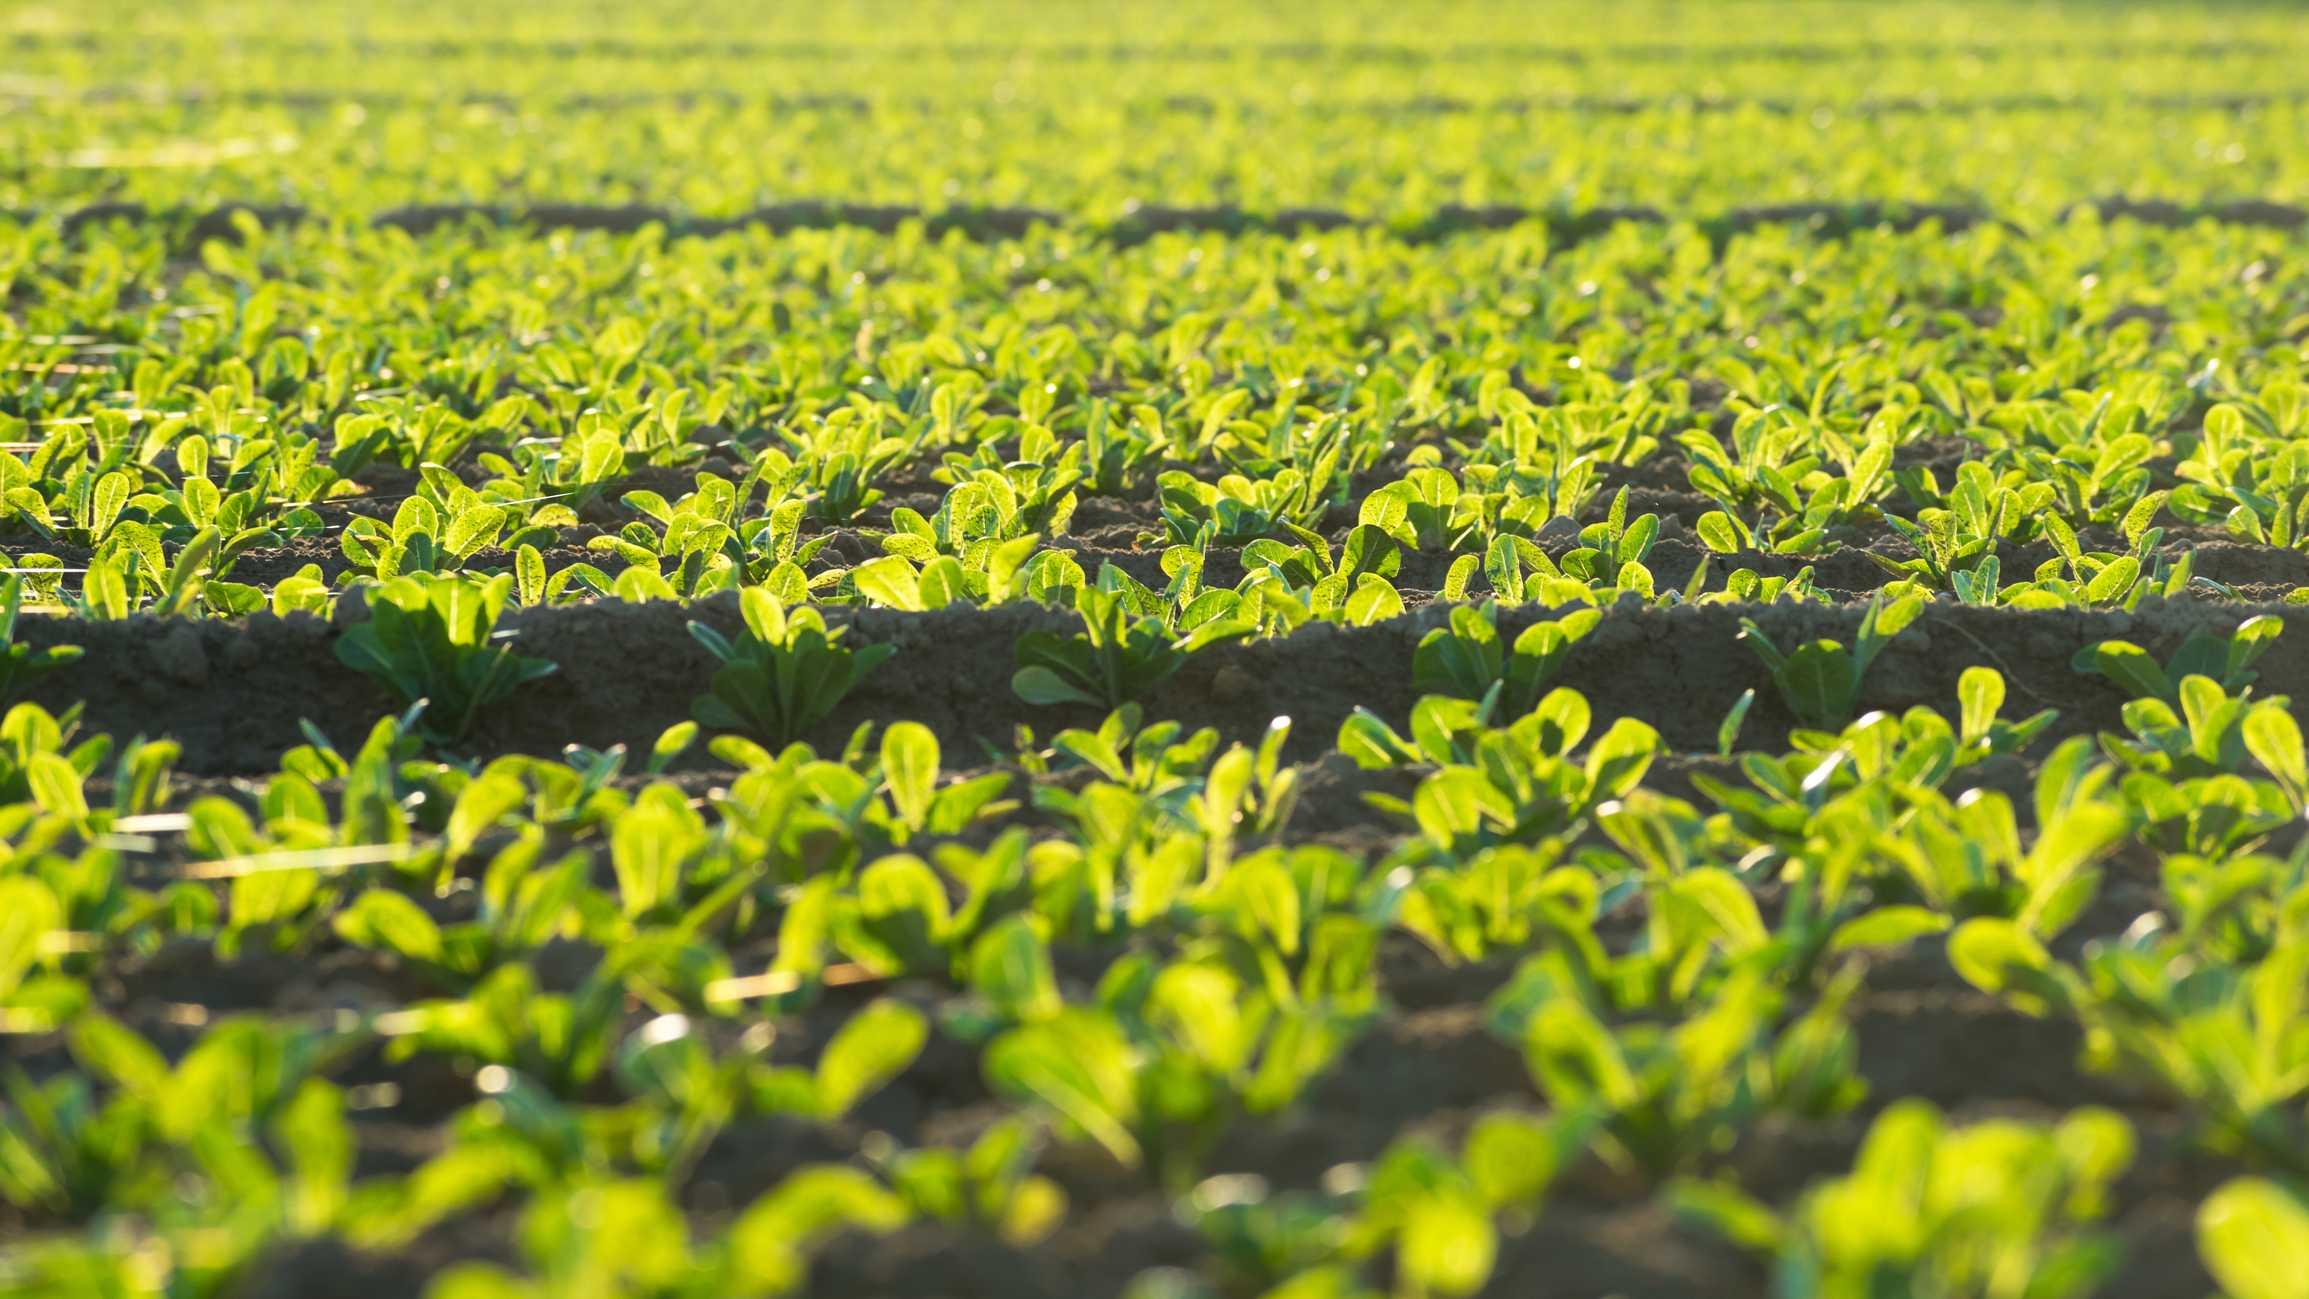 Cae un 2,6% la exportación hortofrutícola murciana hasta junio